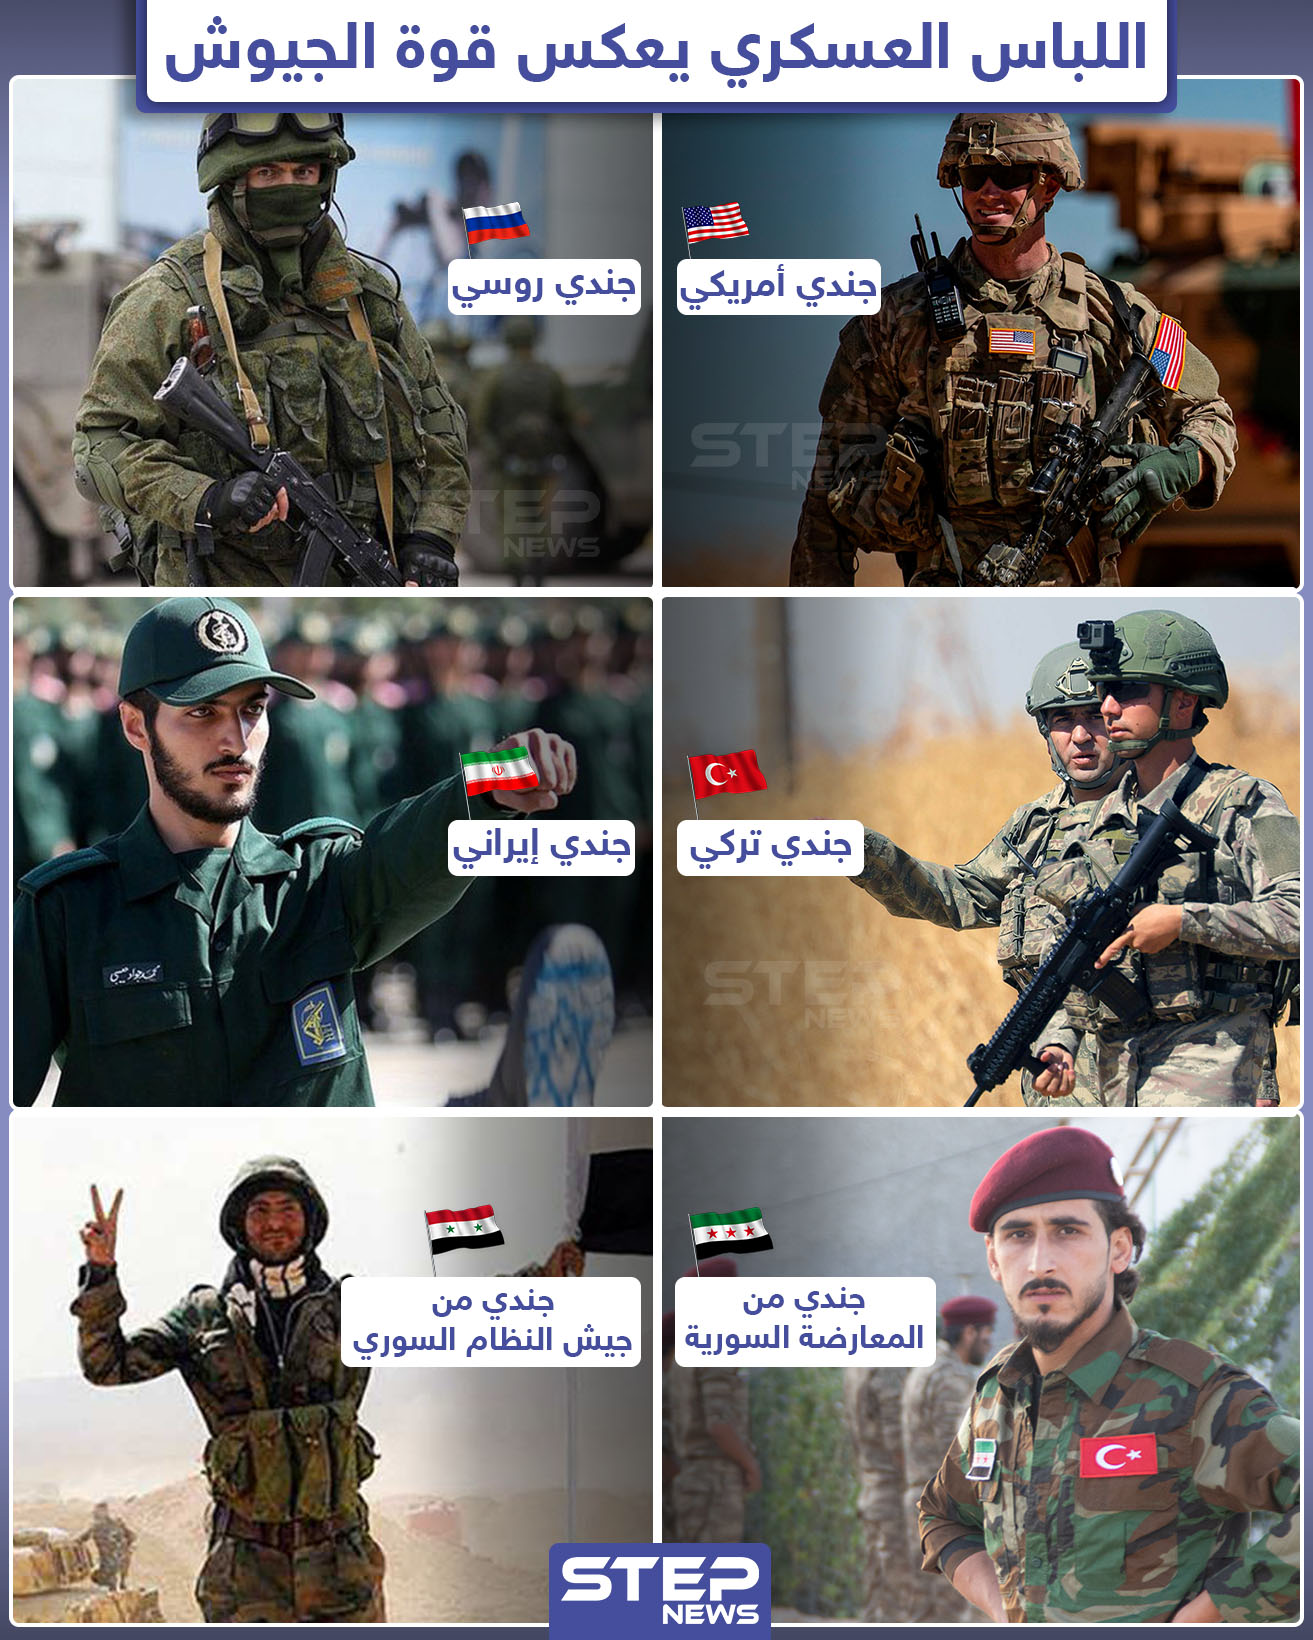 اللباس العسكري للجيوش المتواجدة في سوريا يعكس حالة كل جيش.. فما هو اللباس المُفضل لديك؟